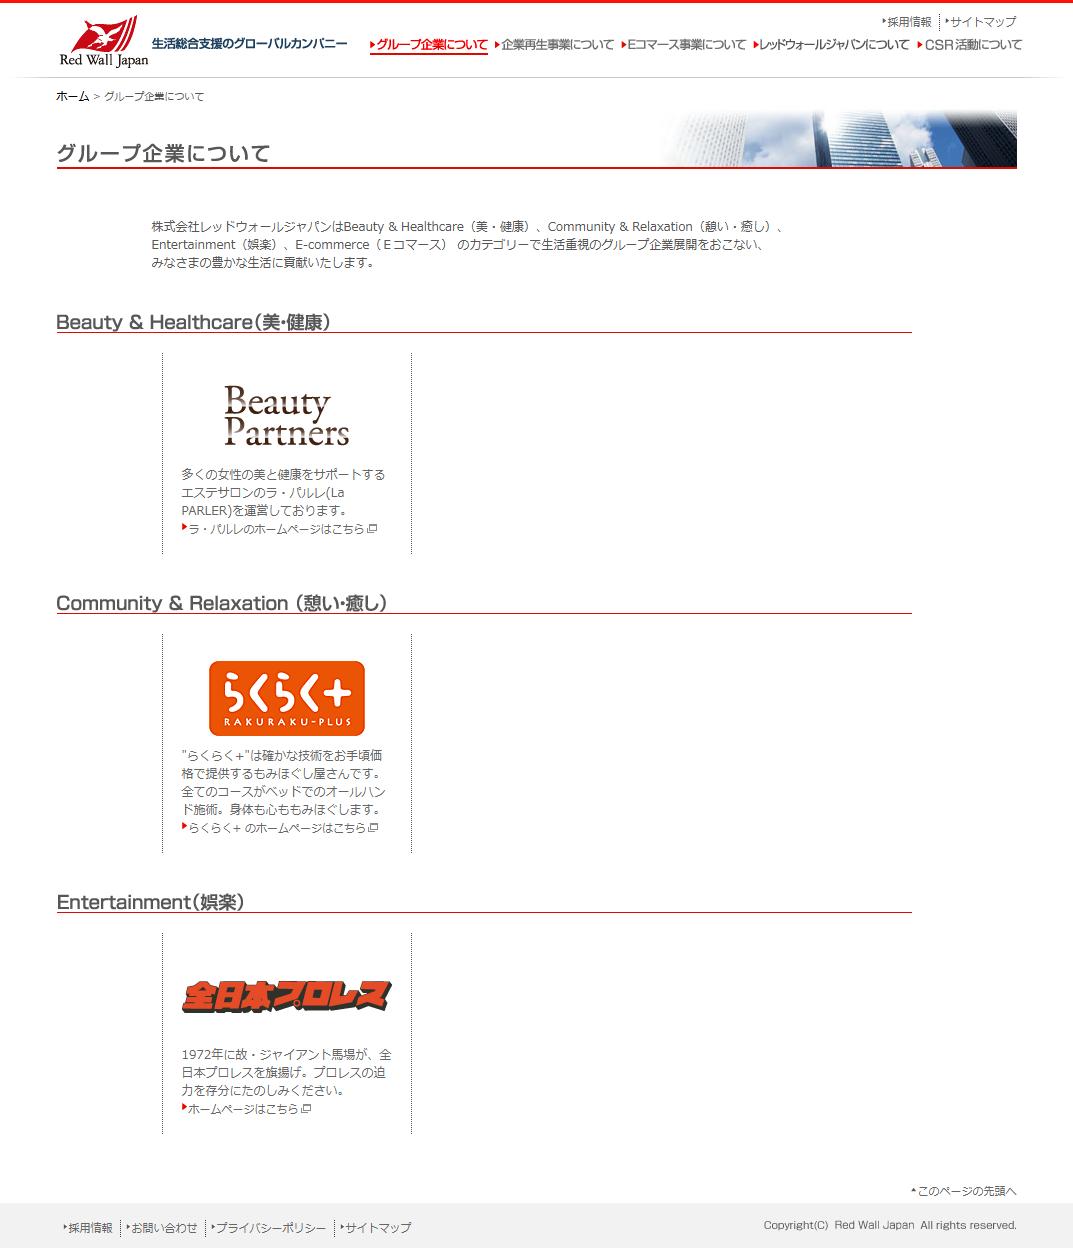 レッドウォールジャパン -グループ企業について